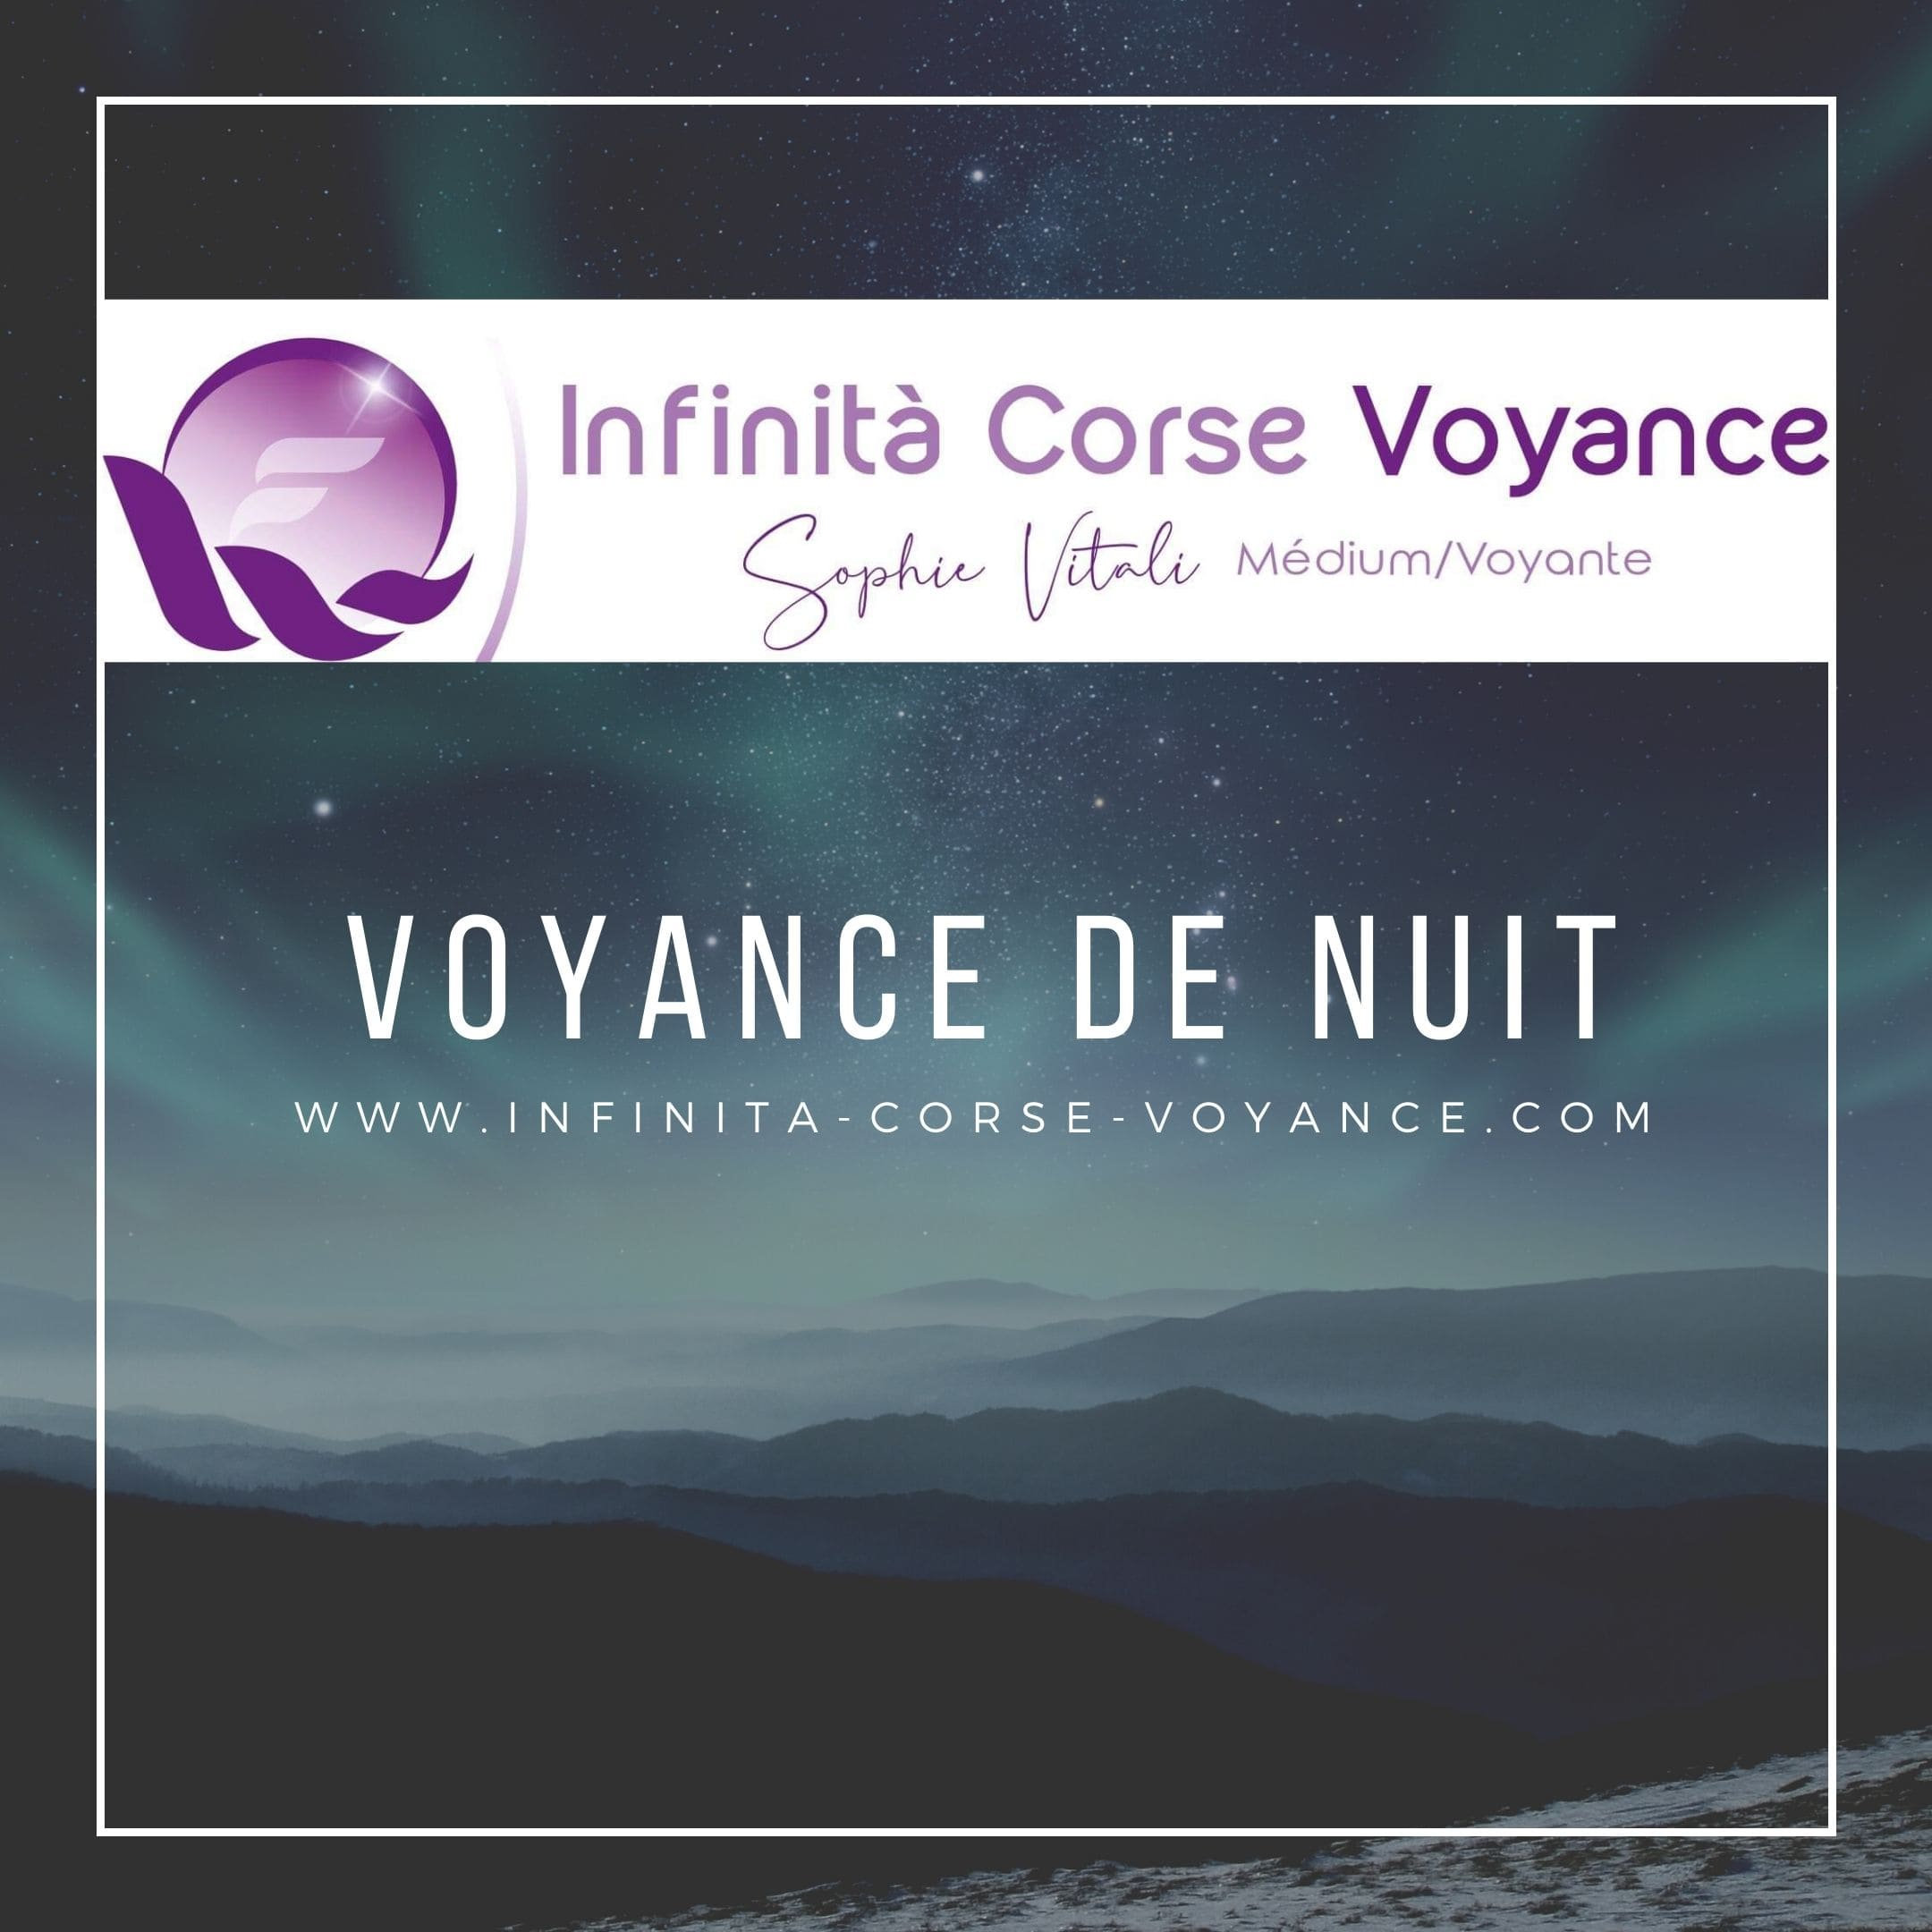 Infinità Corse Voyance spécialiste de la voyance de nuit sérieuse en Corse.